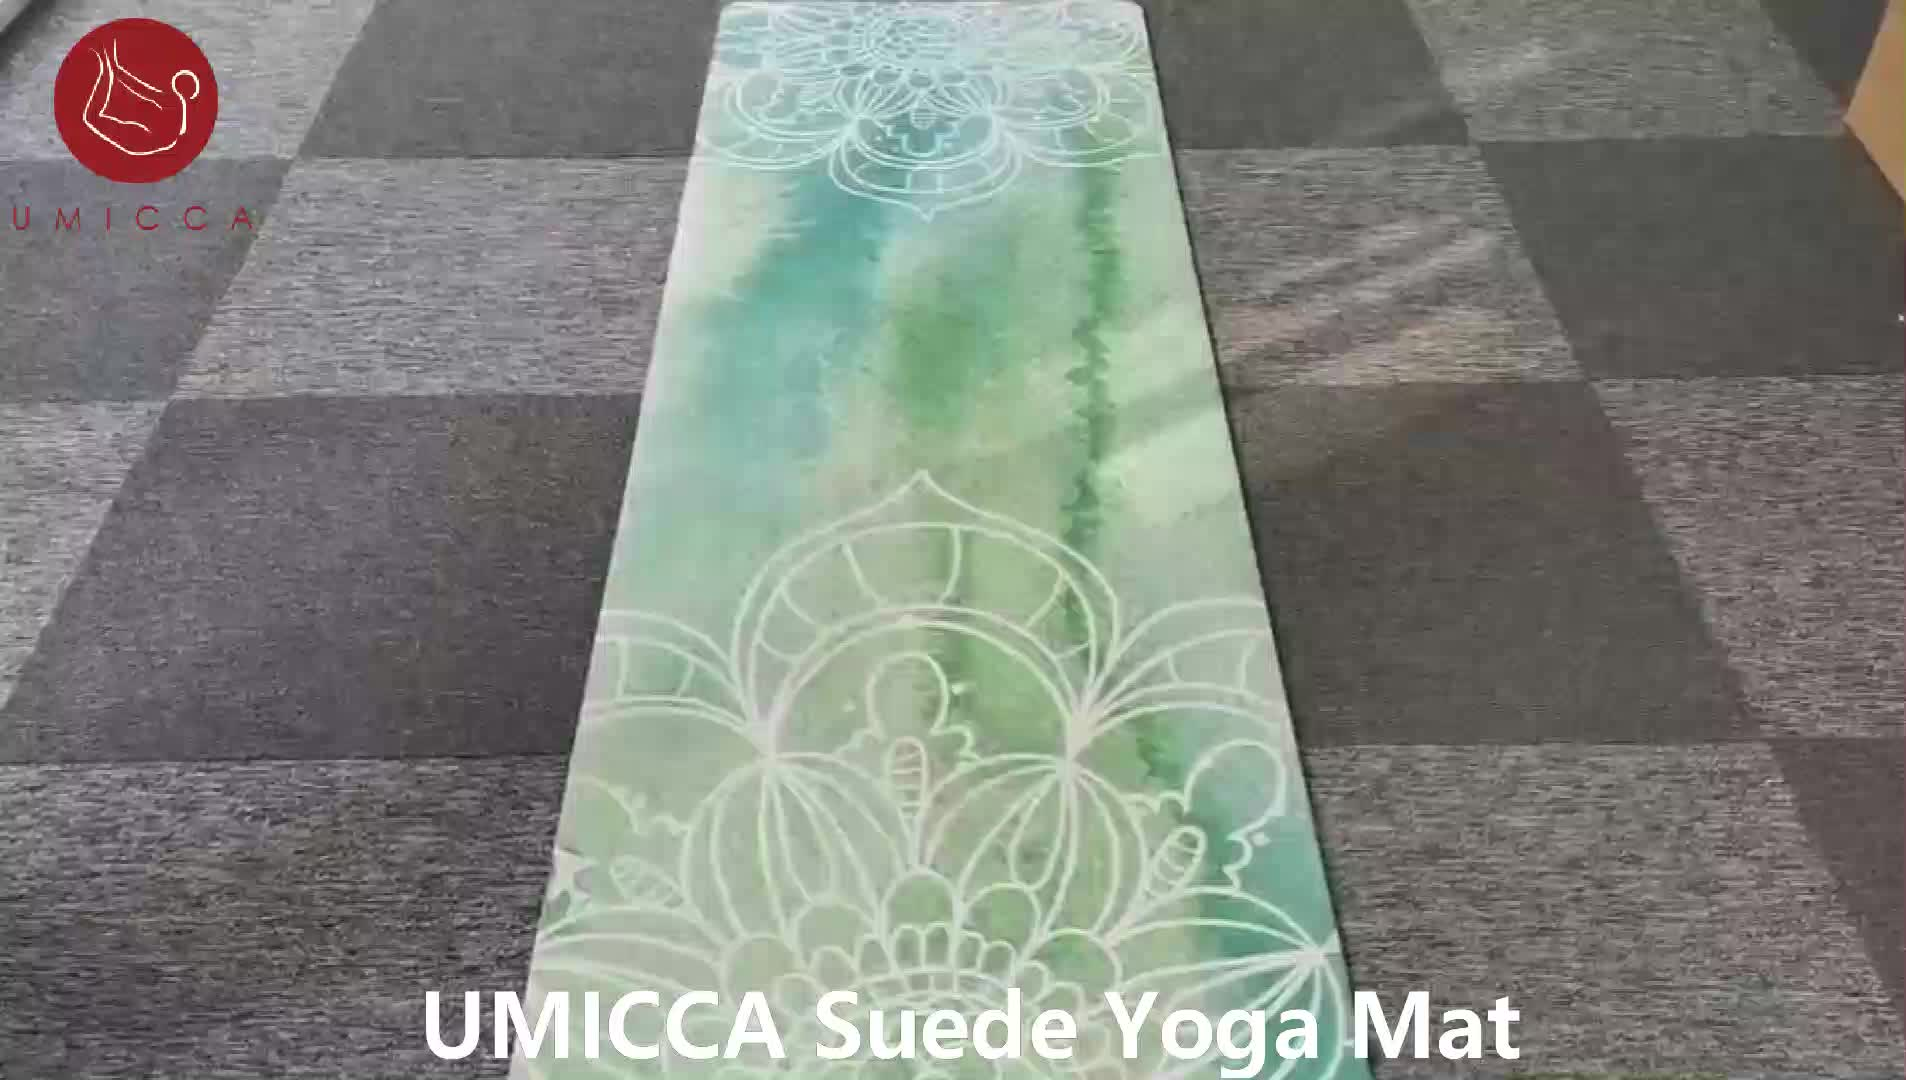 UMICCA الرخام الأبيض مخصص Oem سجاد يوجا سويدي المطاط الطبيعي المضادة للانزلاق اللياقة البدنية حصيرة للتمارين الرياضية